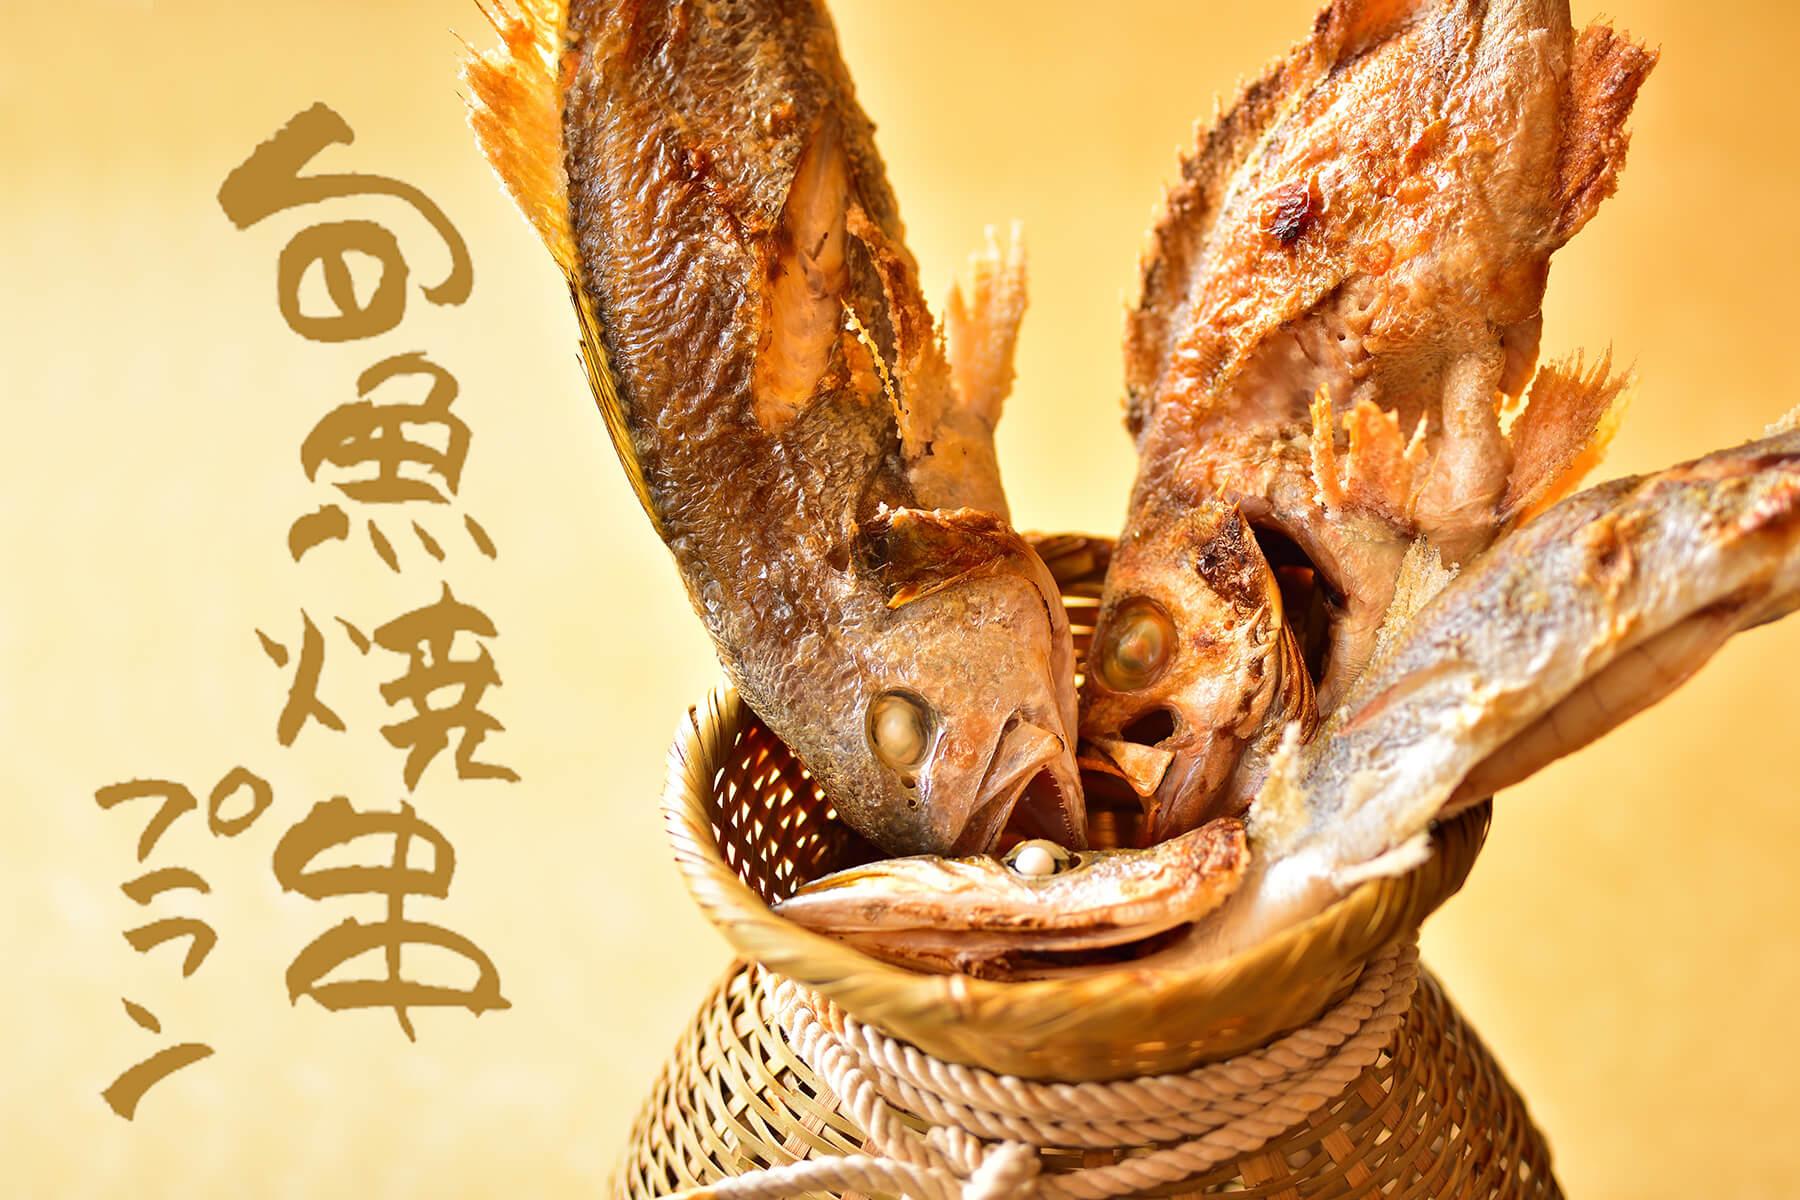 〈旬魚焼串プラン 2020夏〉新潟ならではの海の幸を焼串で堪能!